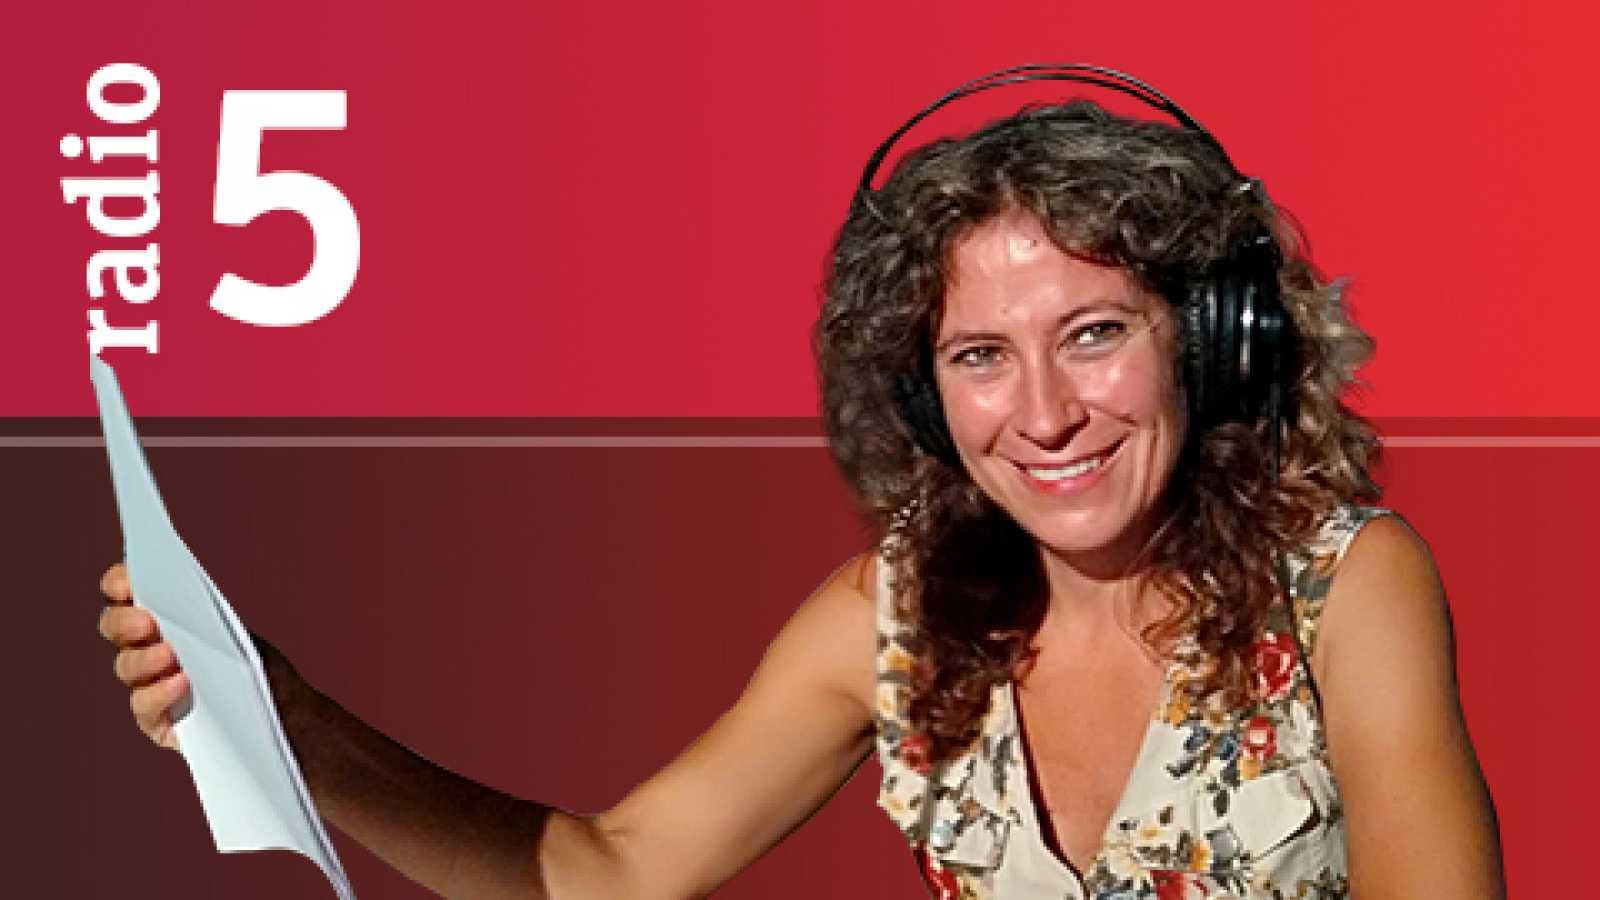 En primera persona - Círculos de diálogo - 29/11/20 - escuchar ahora